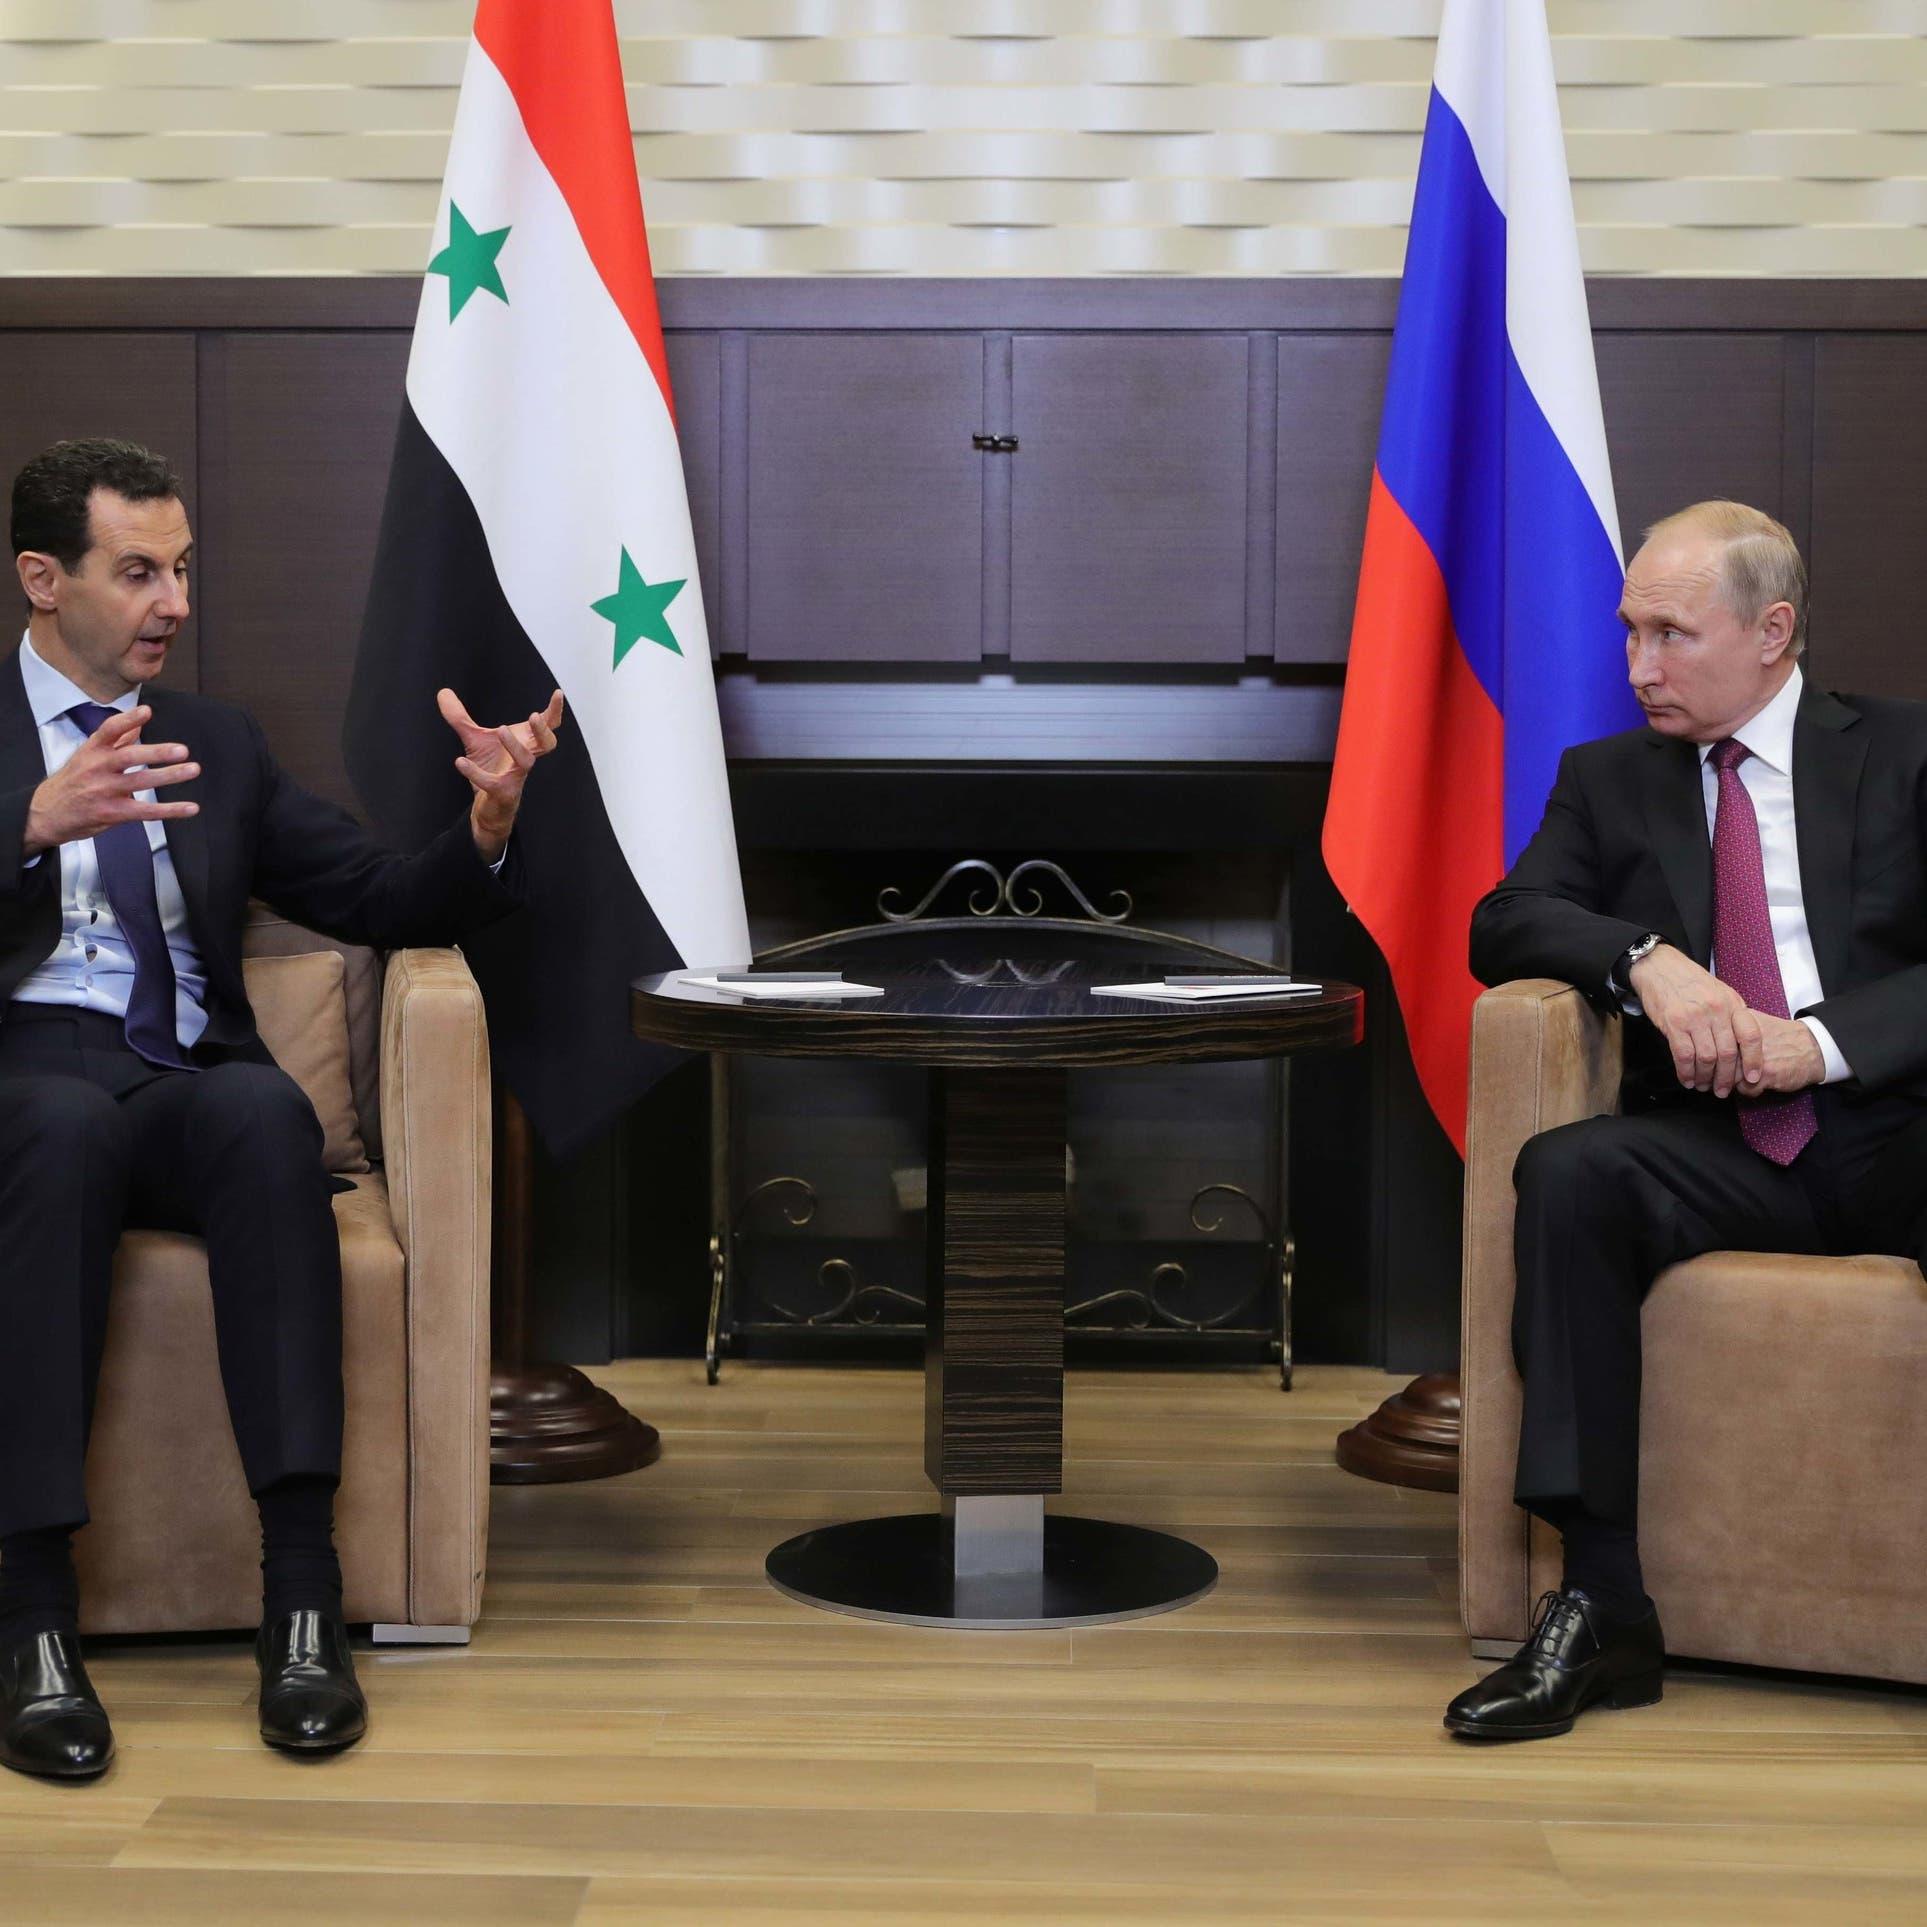 الكرملين: الأسد سافر لروسيا والتقى بوتين بسوتشي